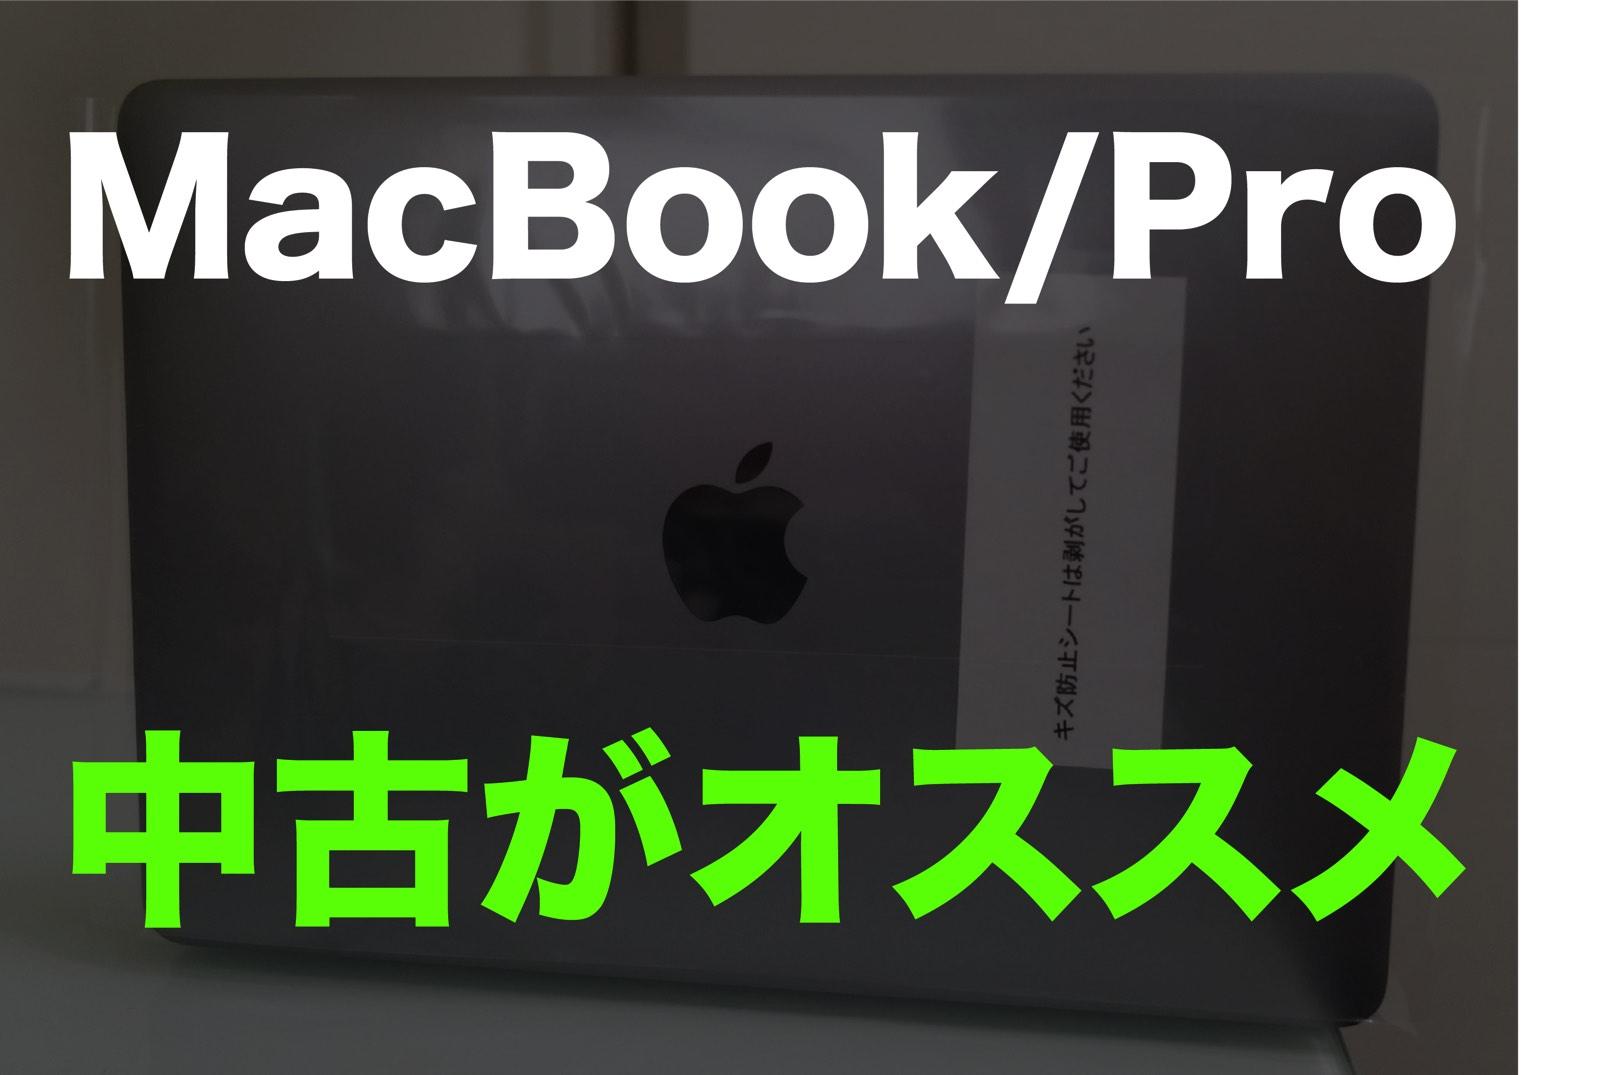 保証期限切れでもOK!今MacBookPro 2016〜2018中古がオススメな理由!